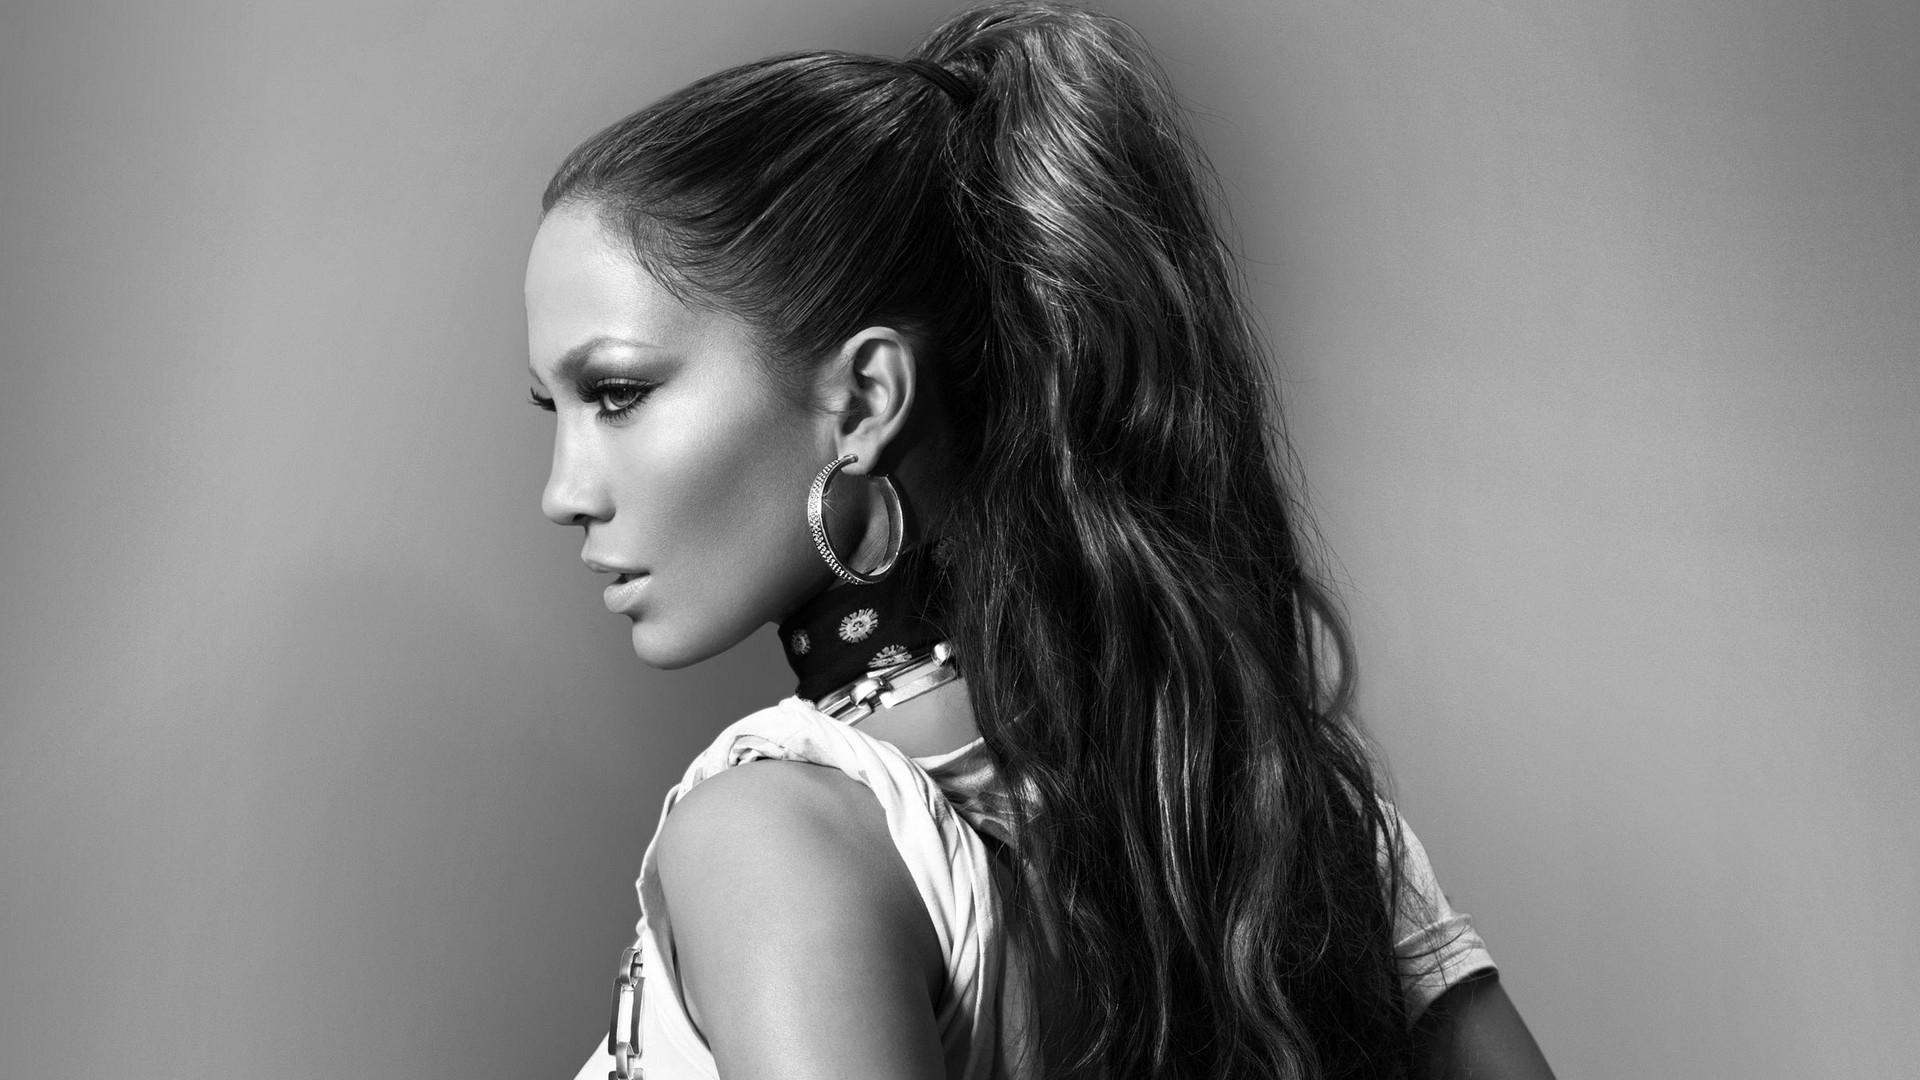 wallpaper face long hair celebrity actress dress